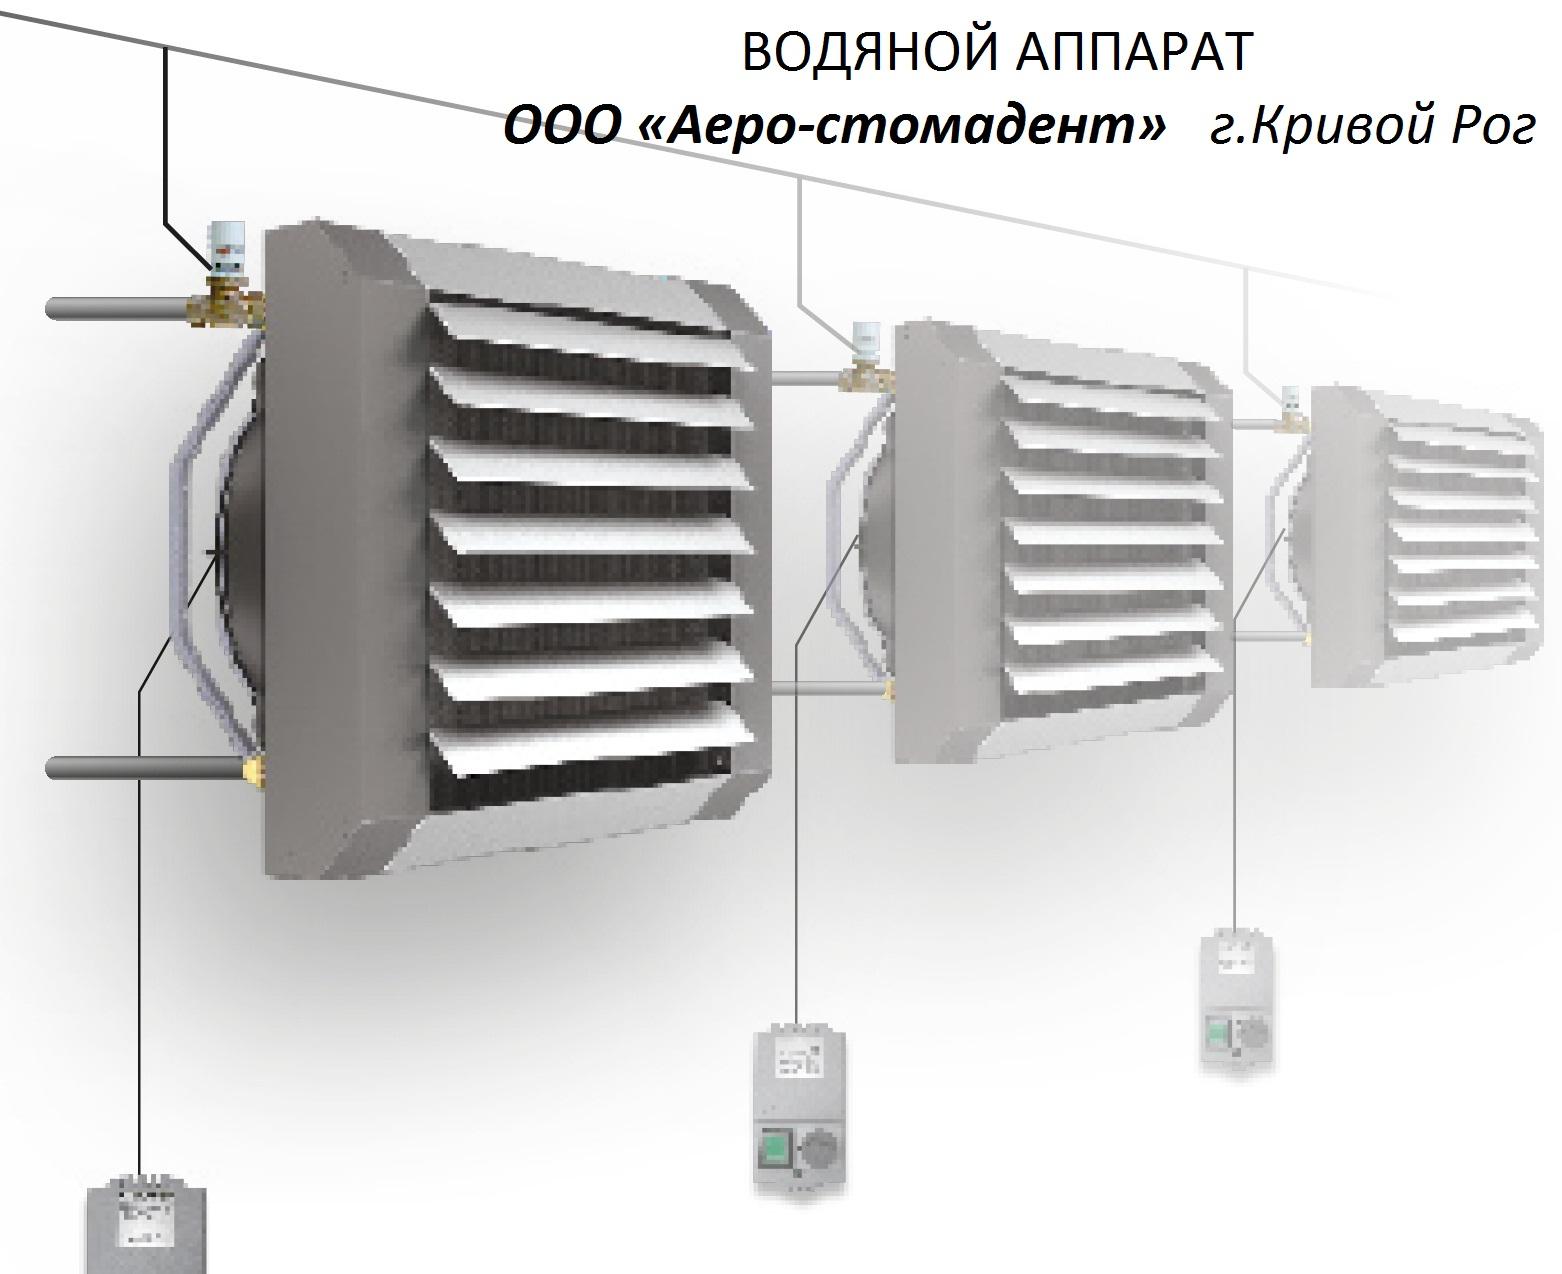 Воздушно-отопительный агрегат volcano: принцип работы прибора для отопления vr1